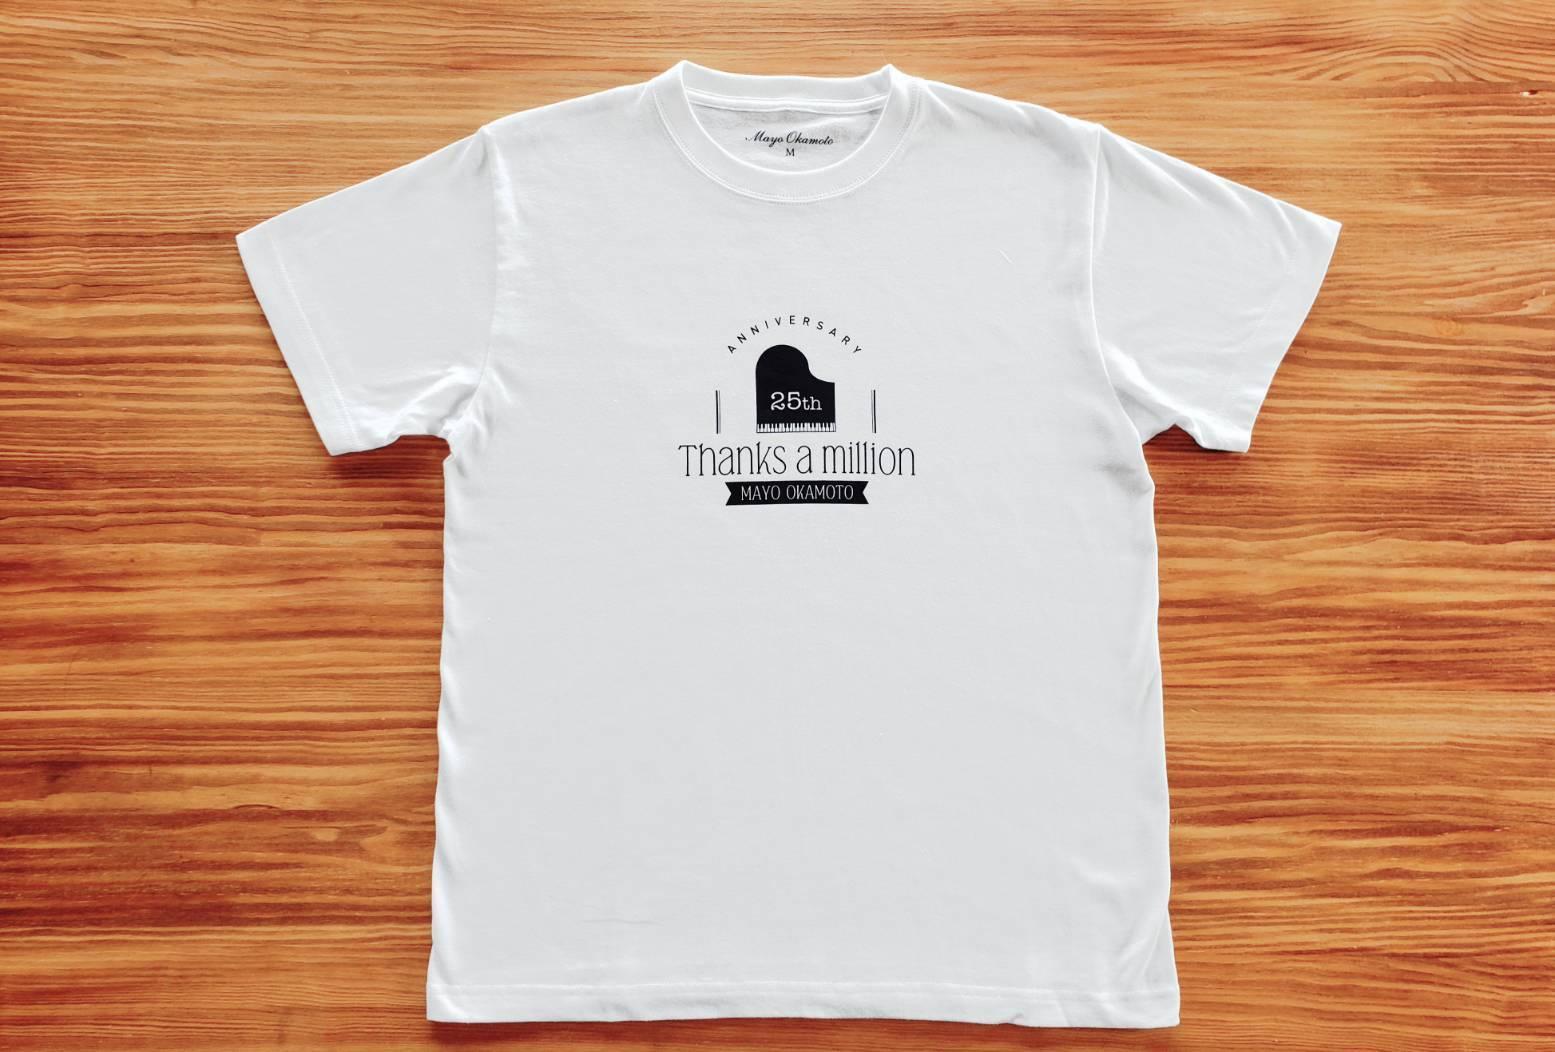 岡本真夜OFFICIALGOODS  25th 直筆サイン入りTシャツ